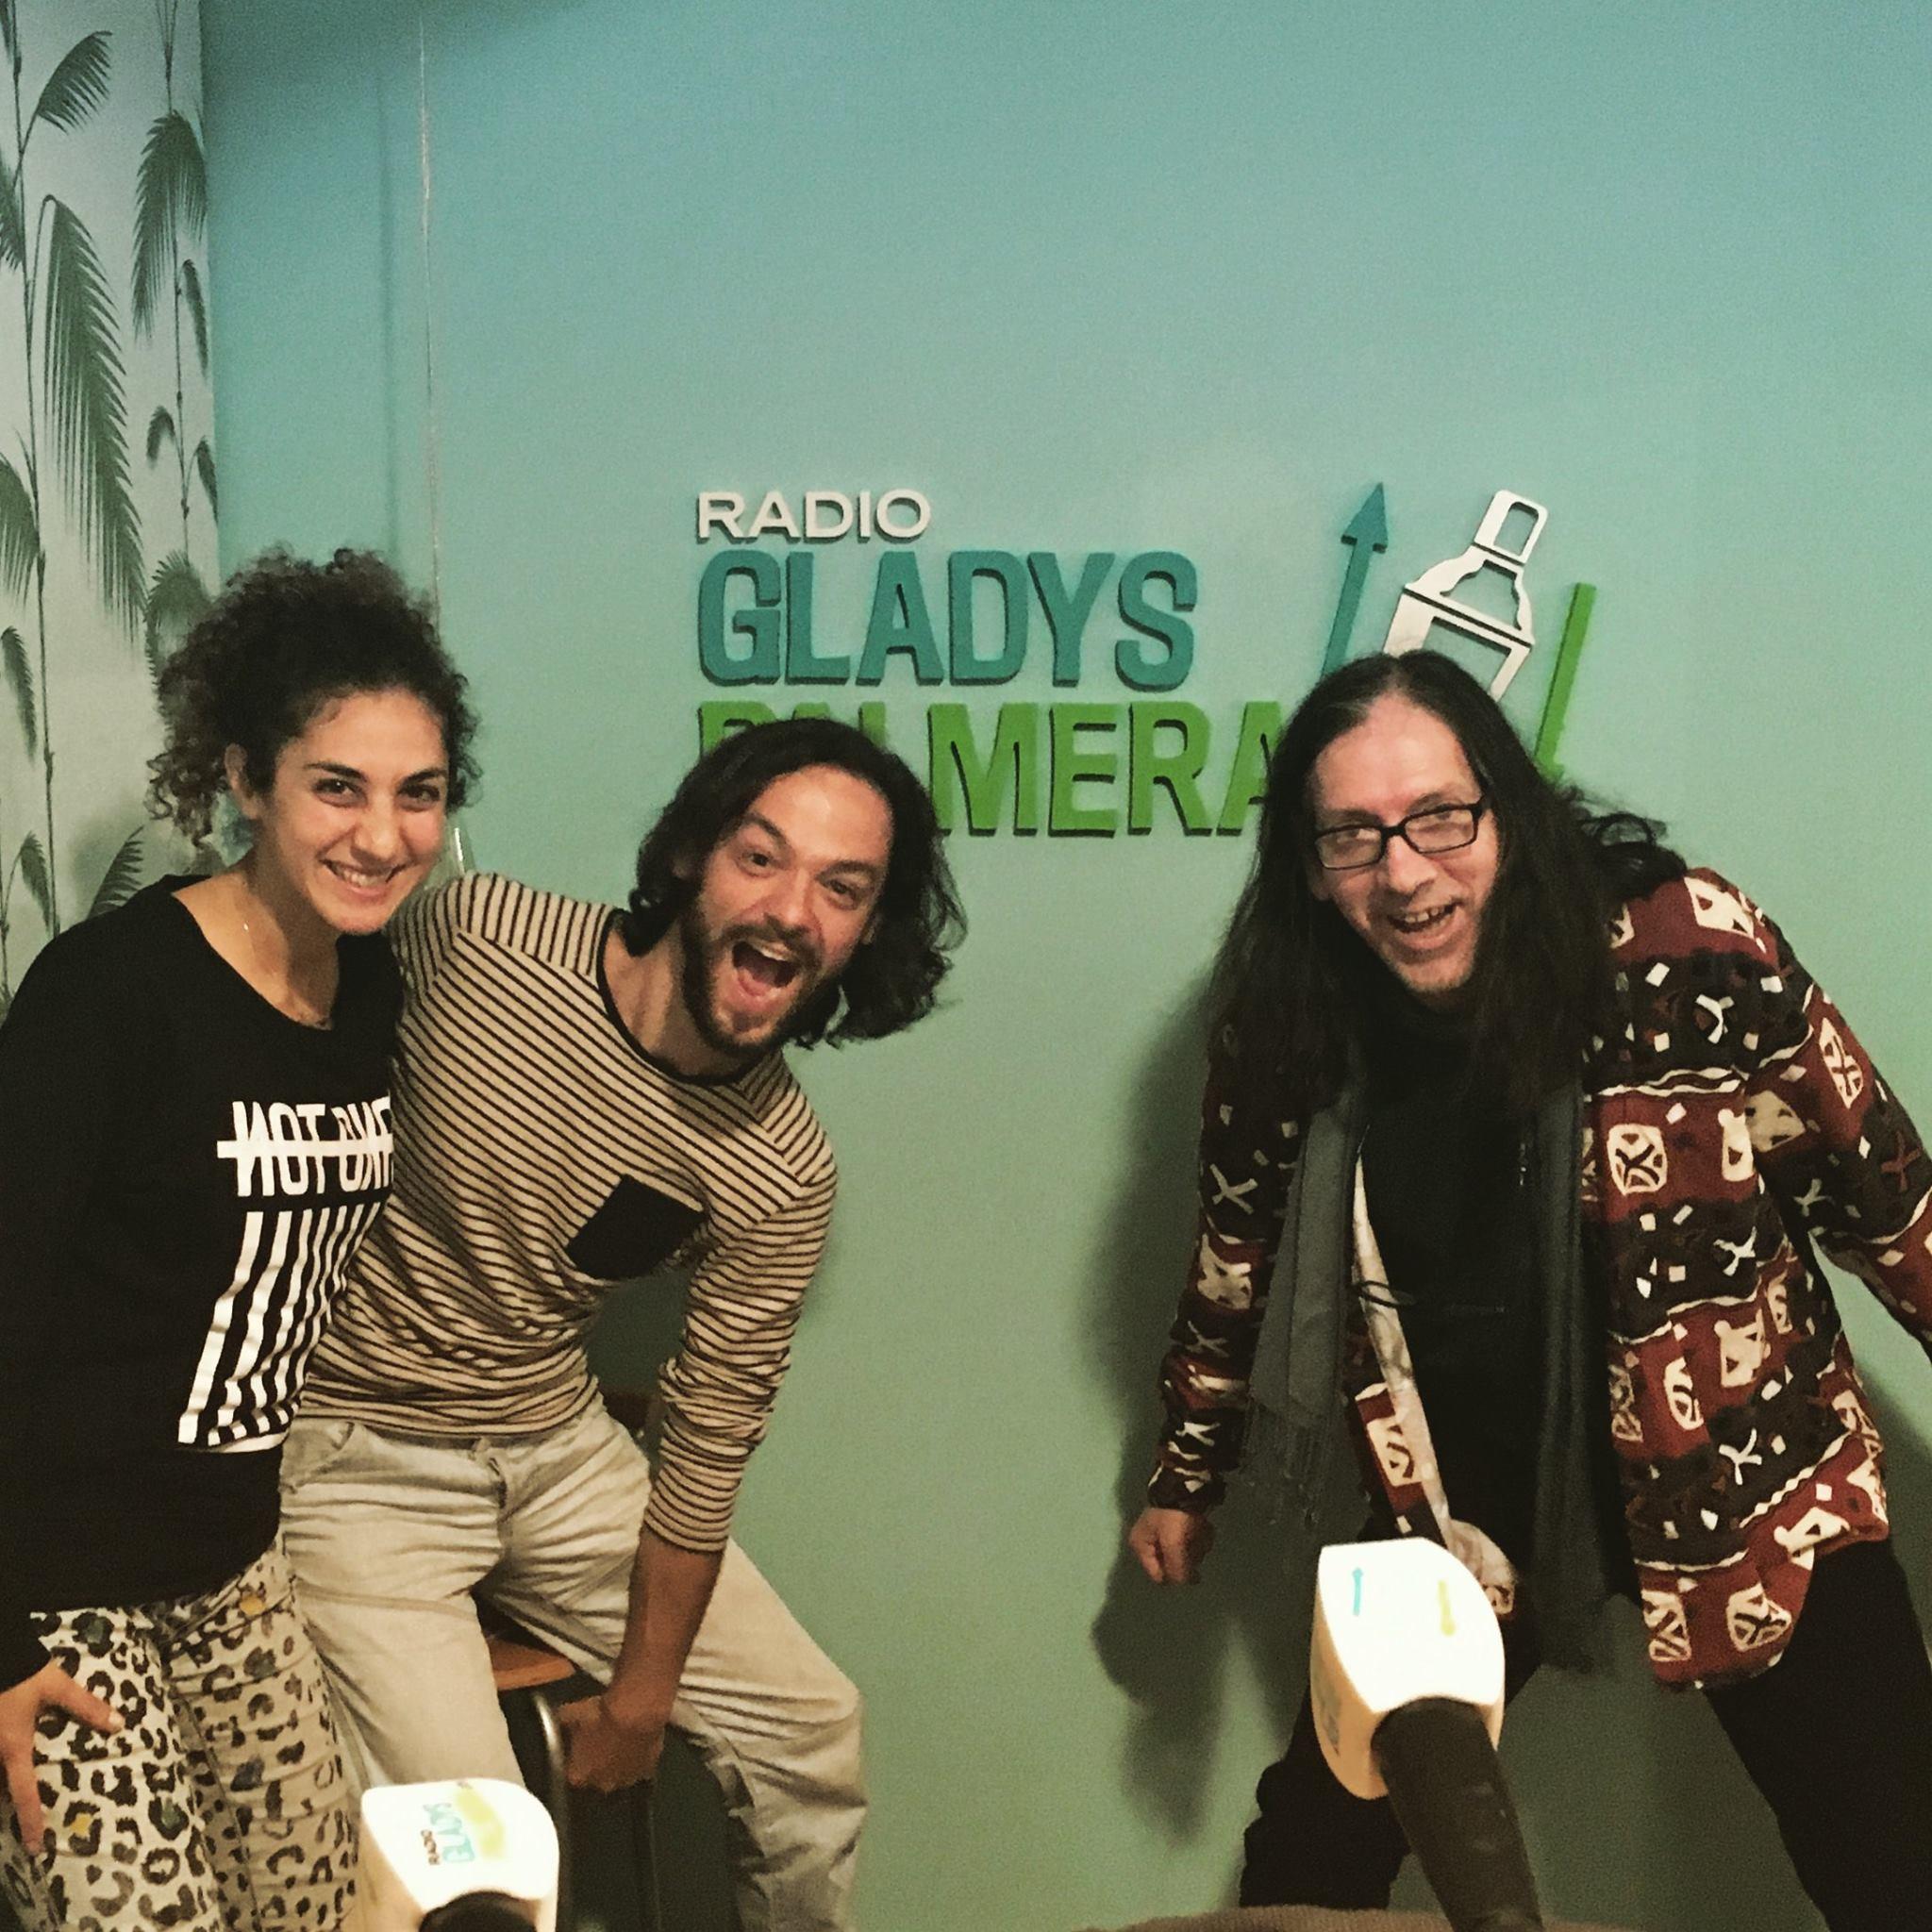 Web_Diego Guerrero_Radio Gladys Palmera